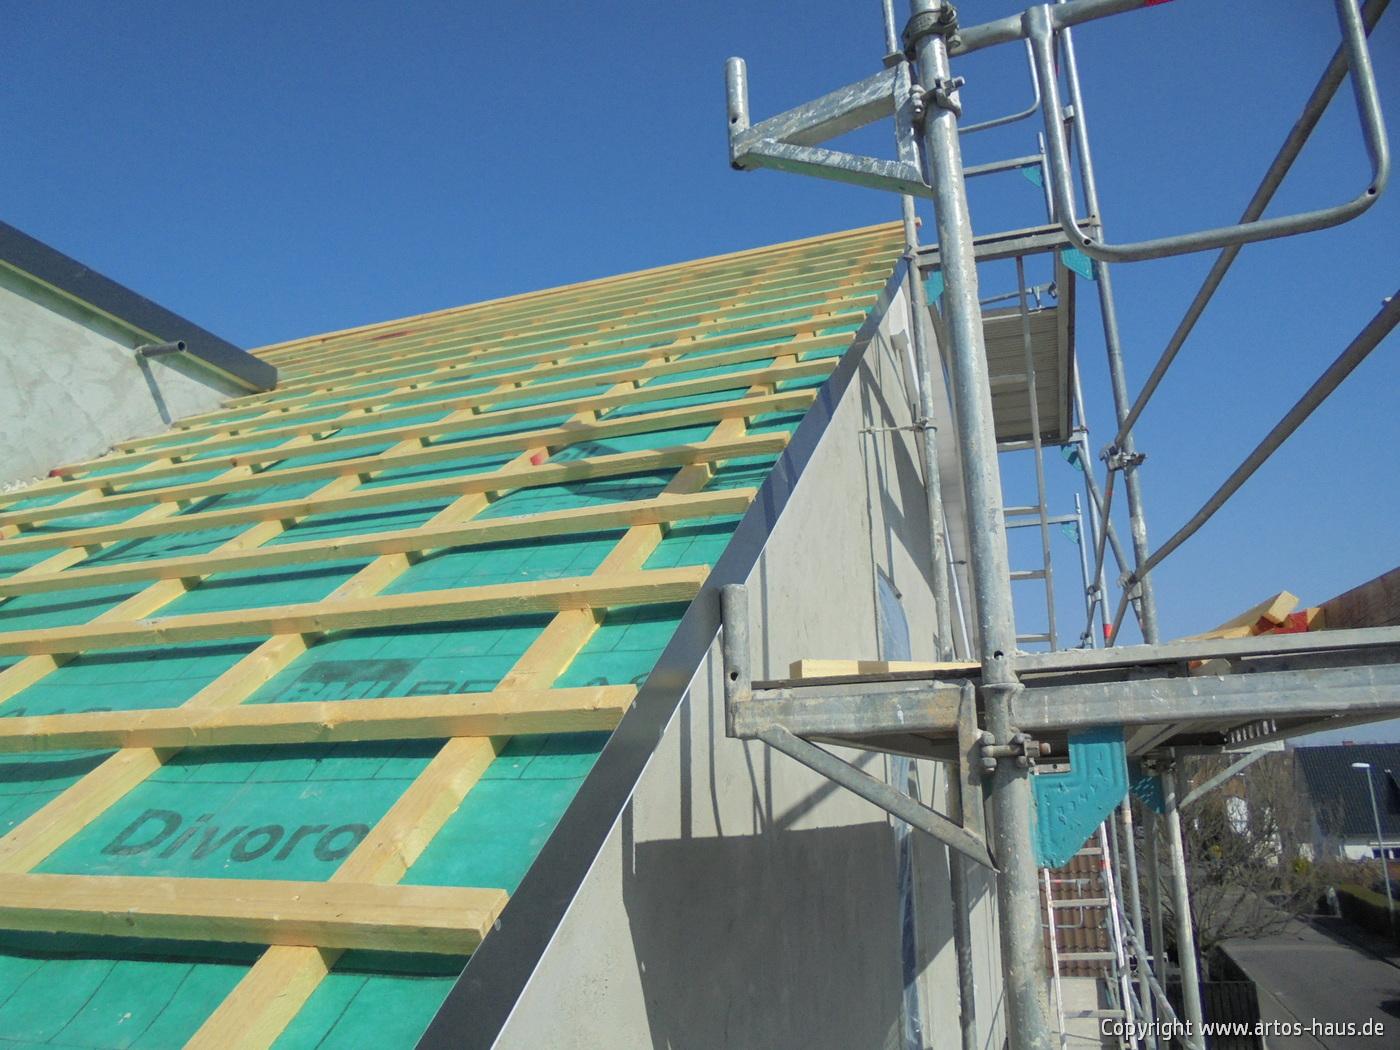 Dacheindeckung www.artos-haus.de Bild 1